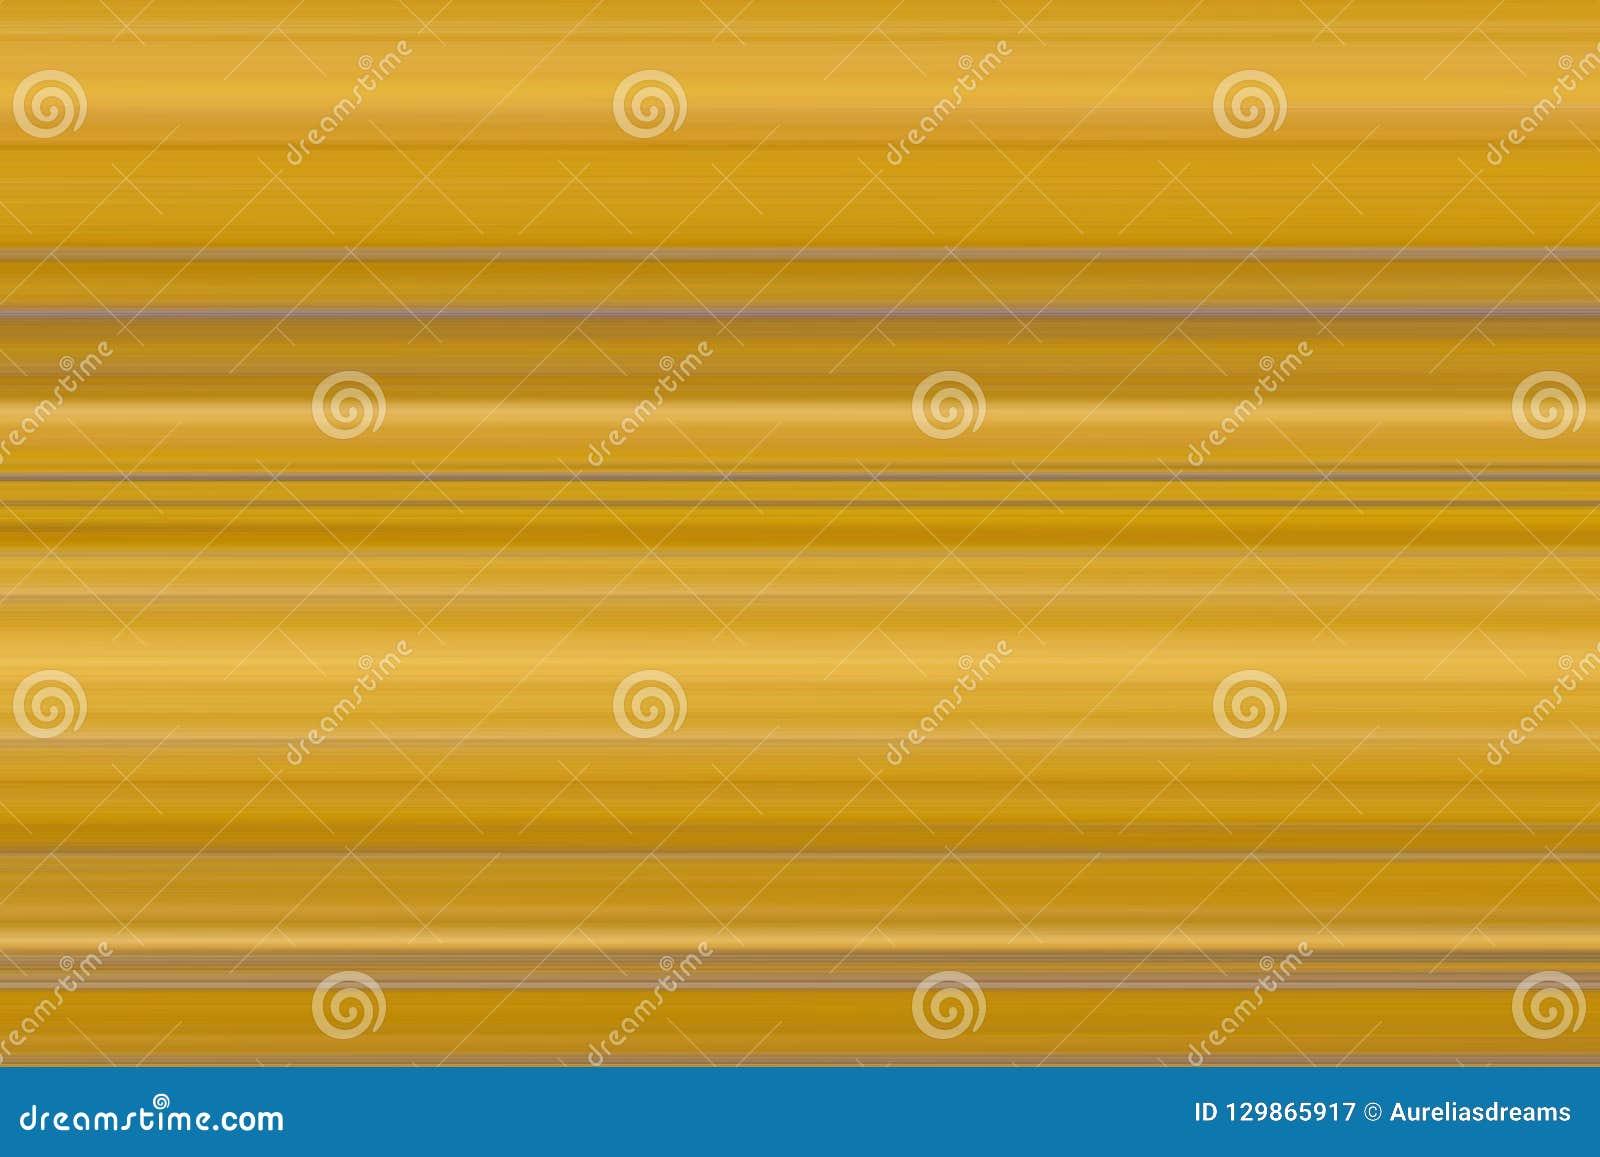 Lineas horizontales brillantes fondo, textura del extracto olorful del ¡de Ð en tonos amarillos